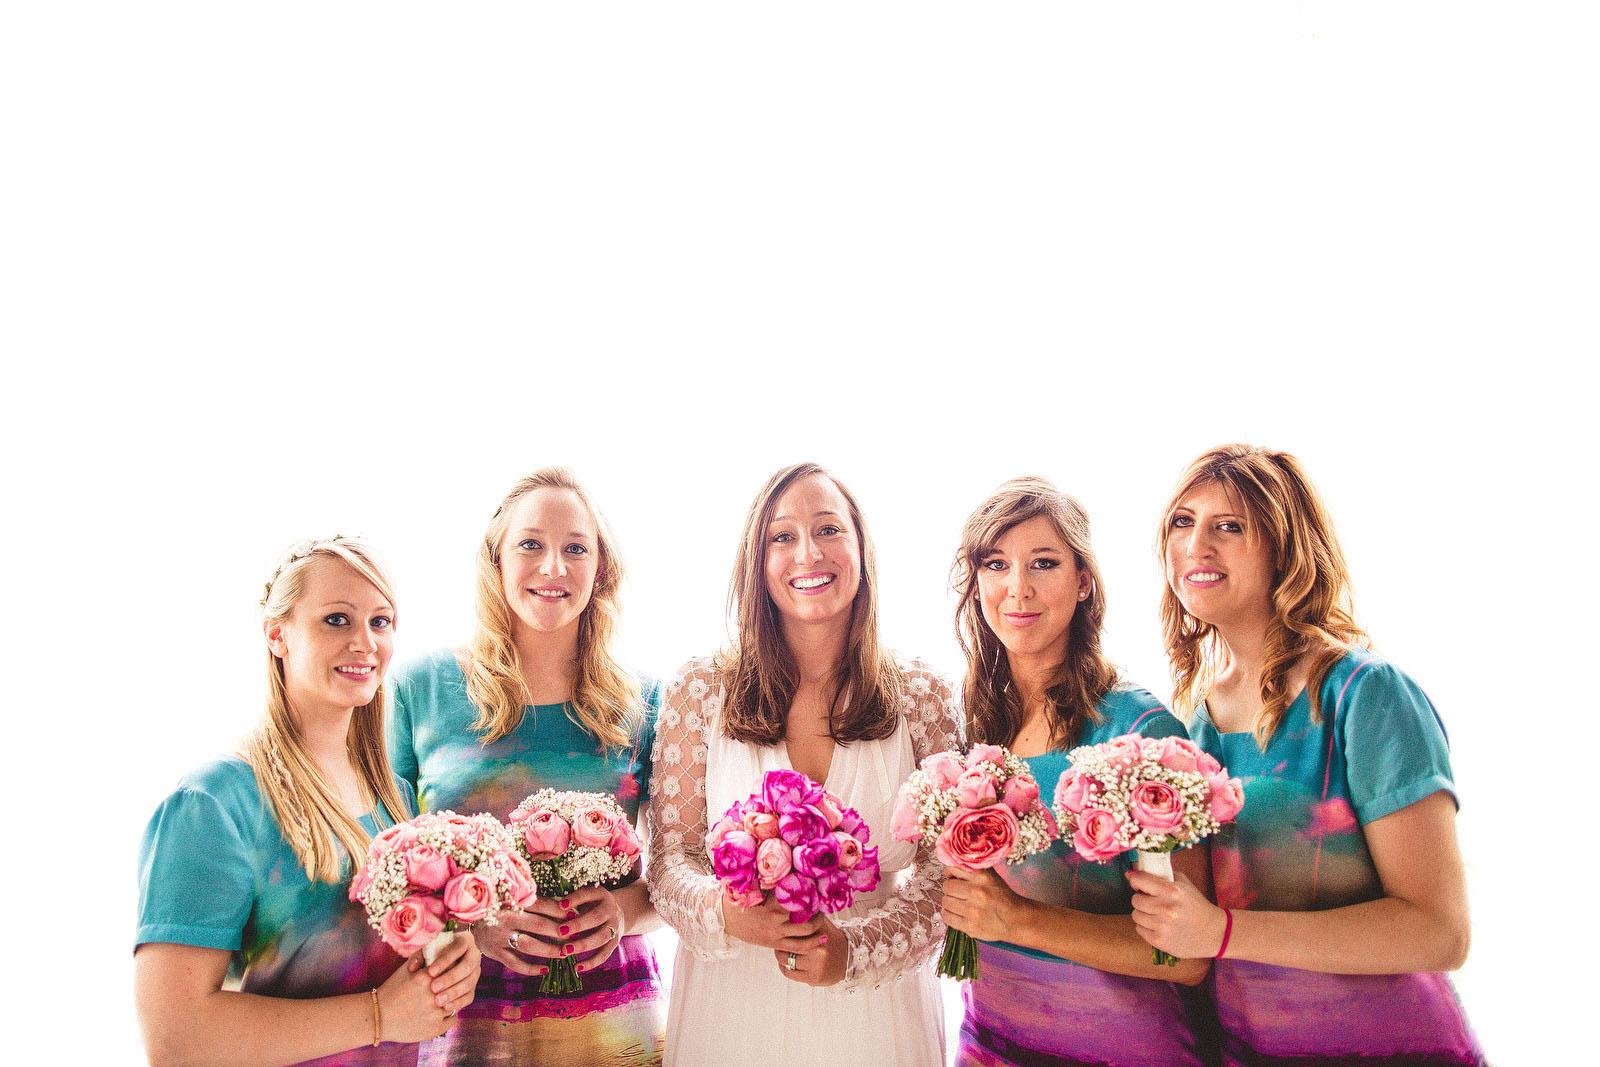 seaside bridesmaid dresses1